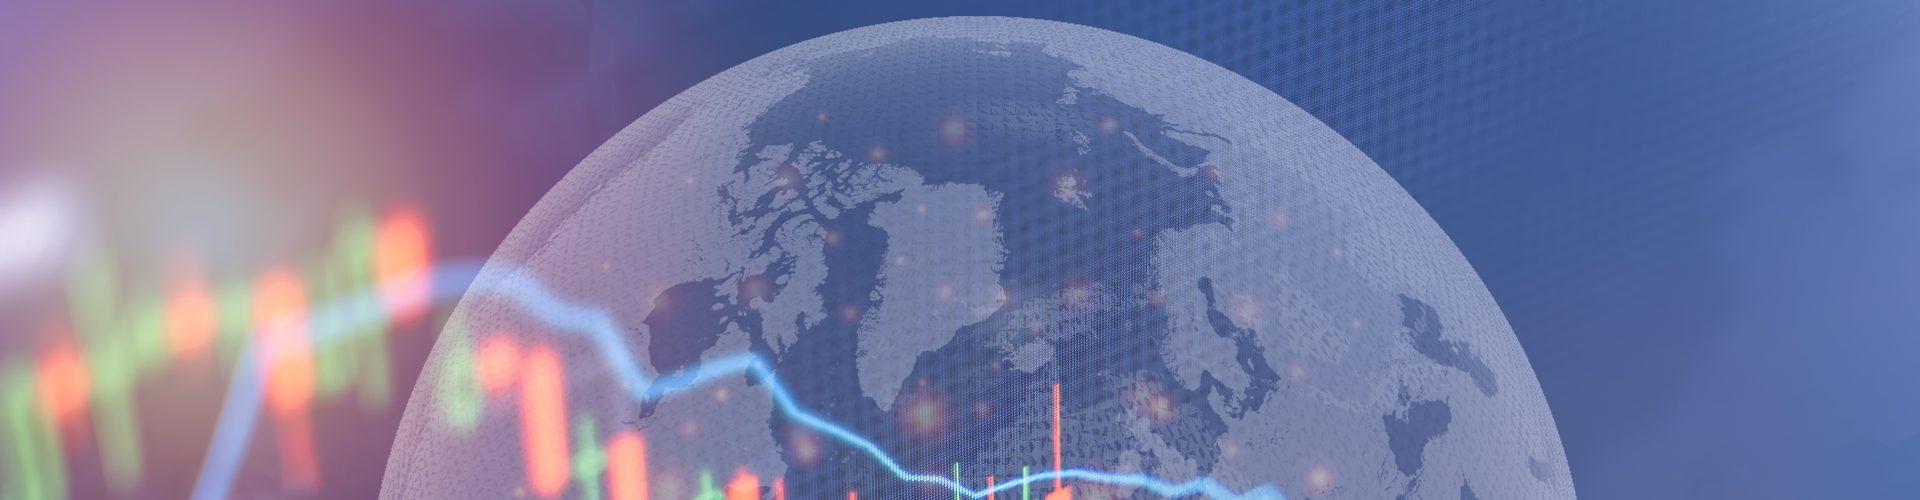 הגדלת היקף הרכישות העצמיות במניות